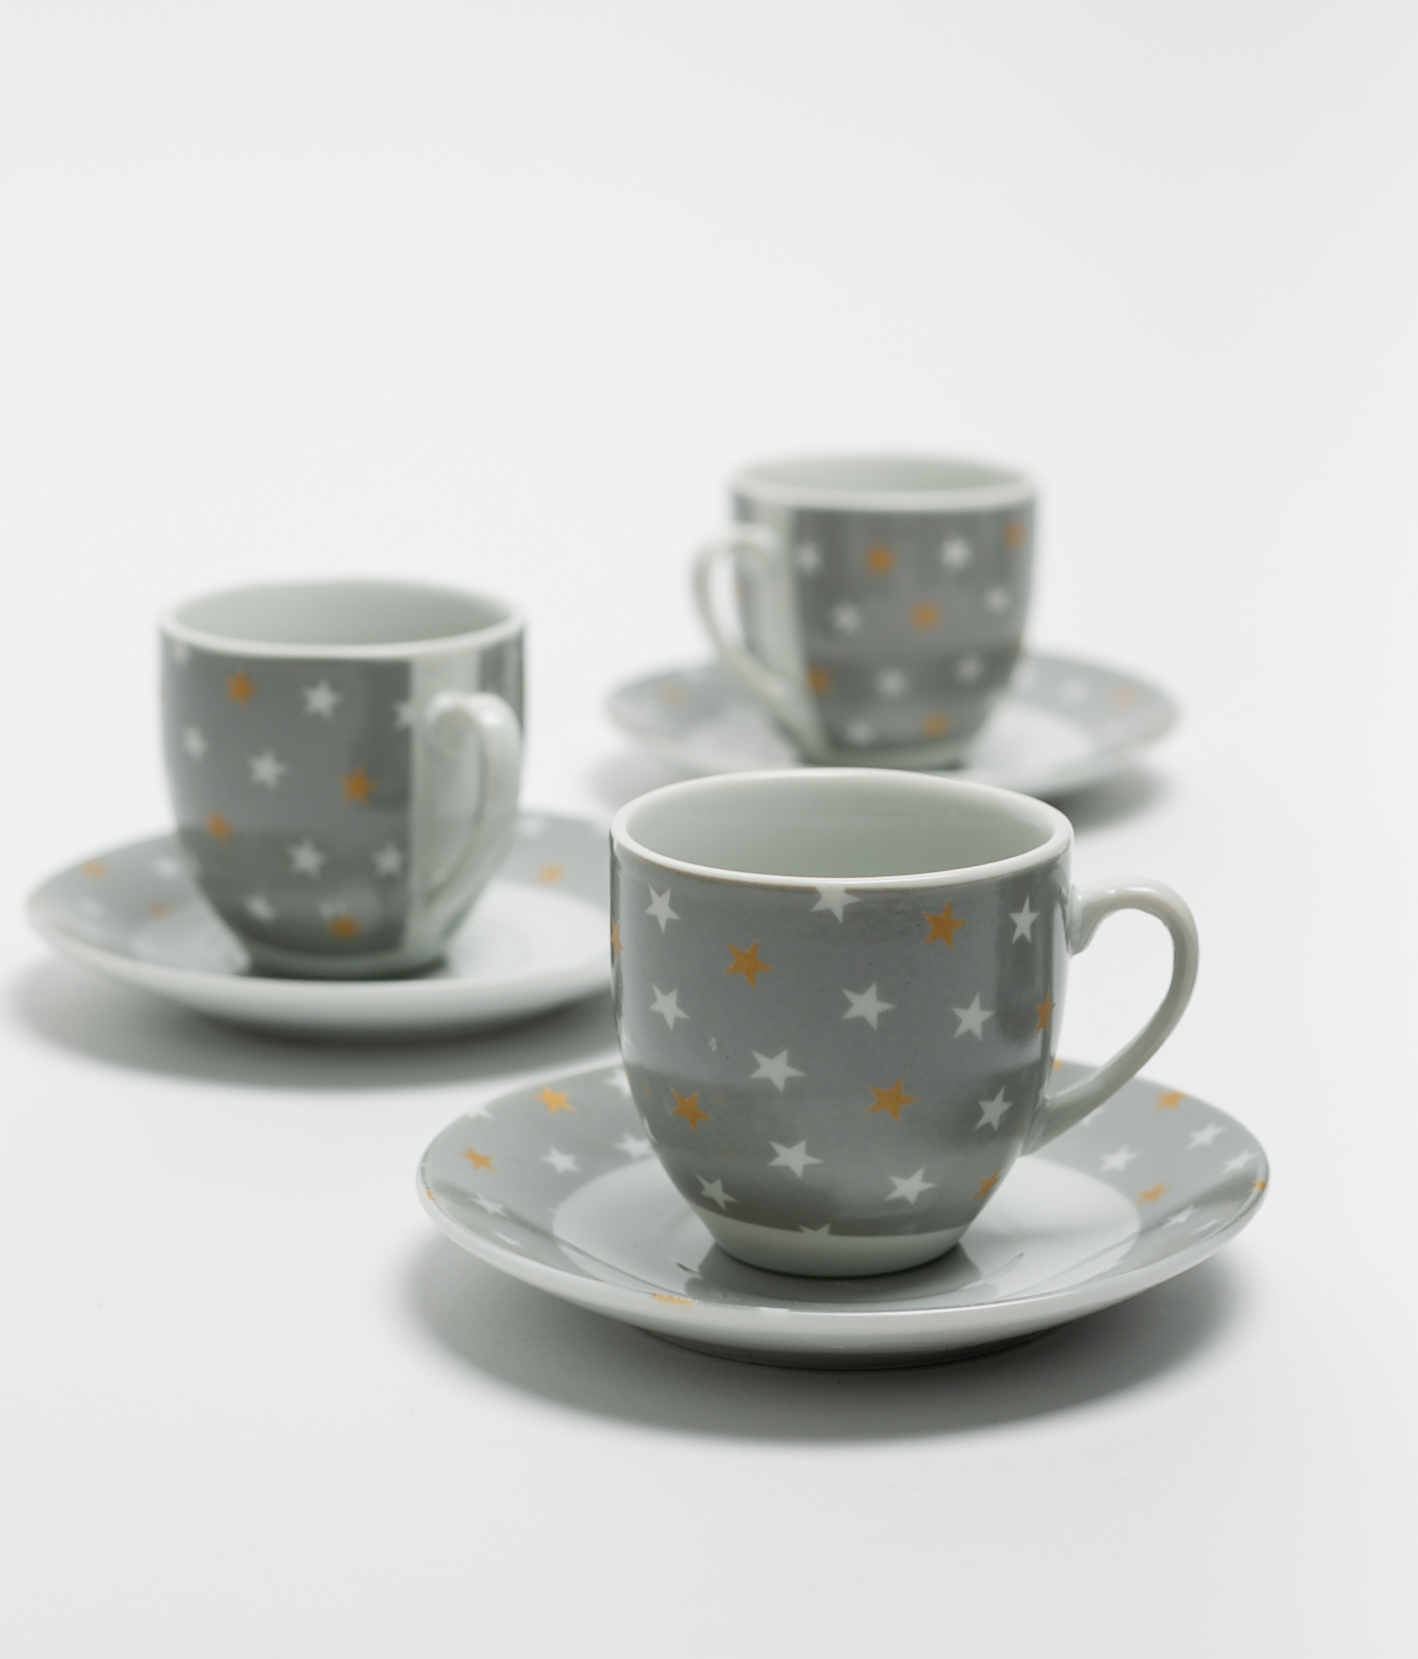 JUEGO DE CAFÉ TROPI - GREY